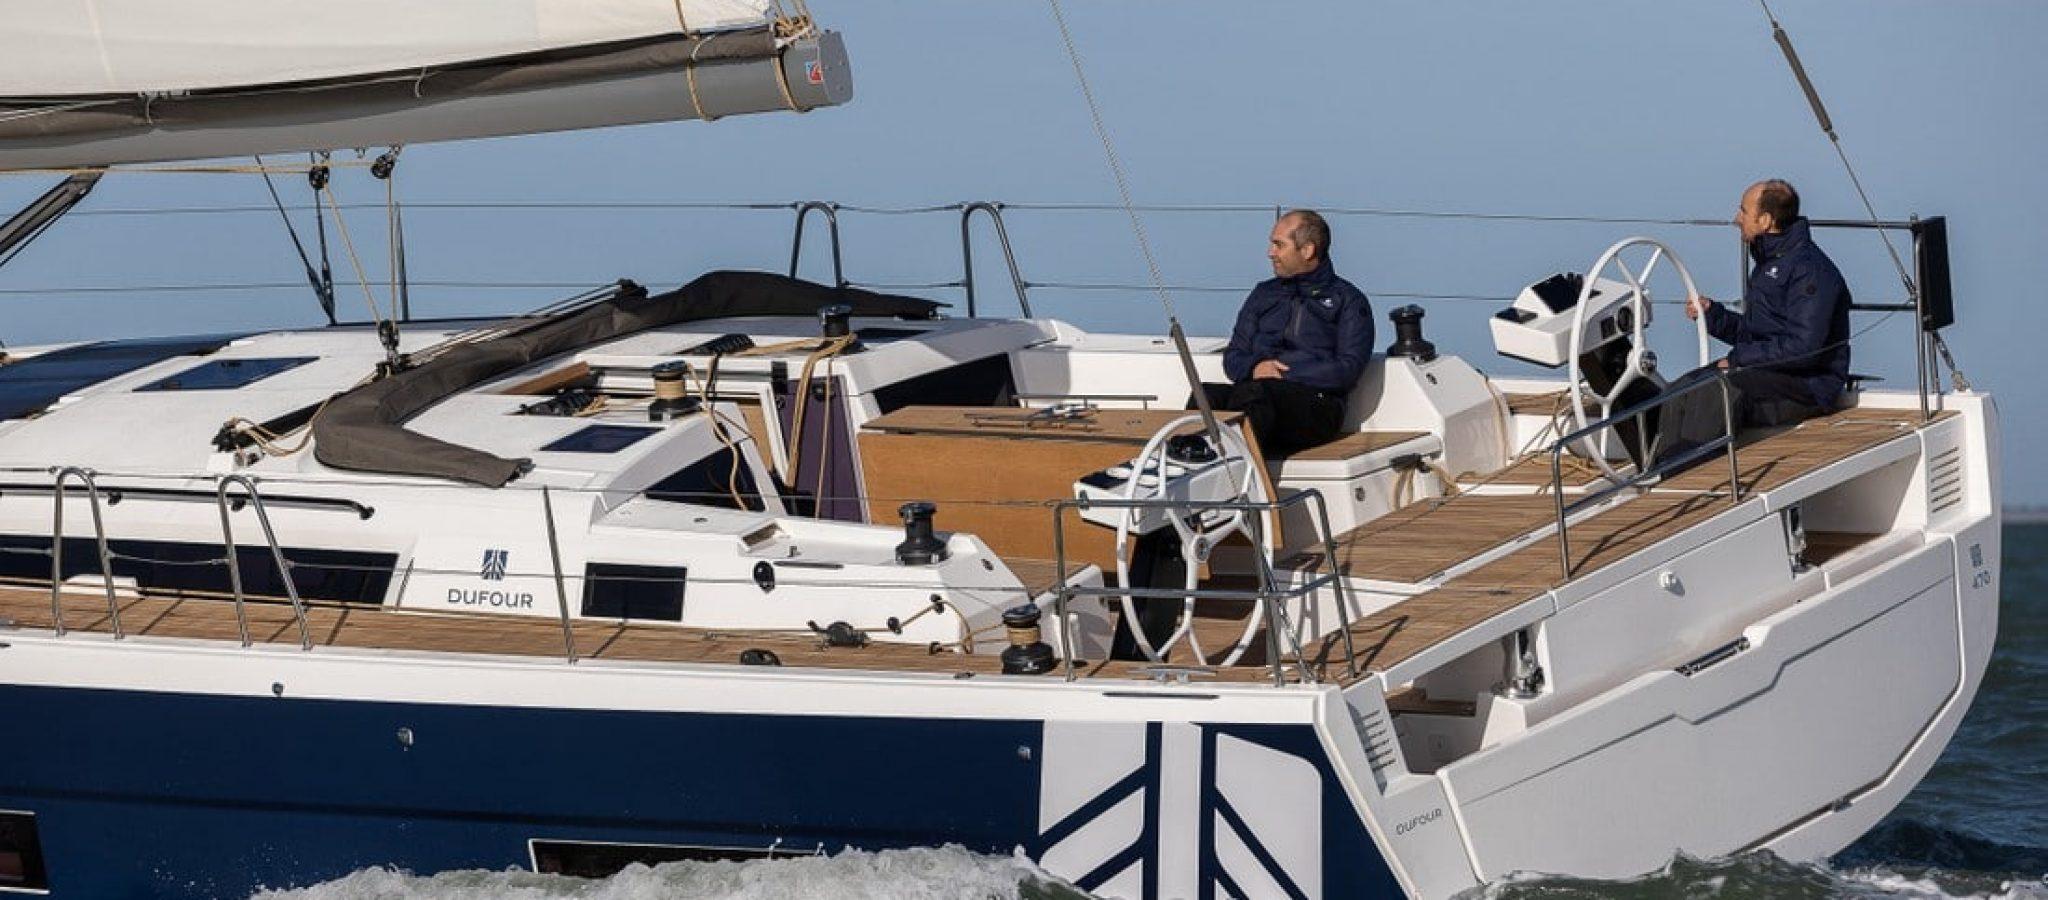 Dufour 470 en navigation